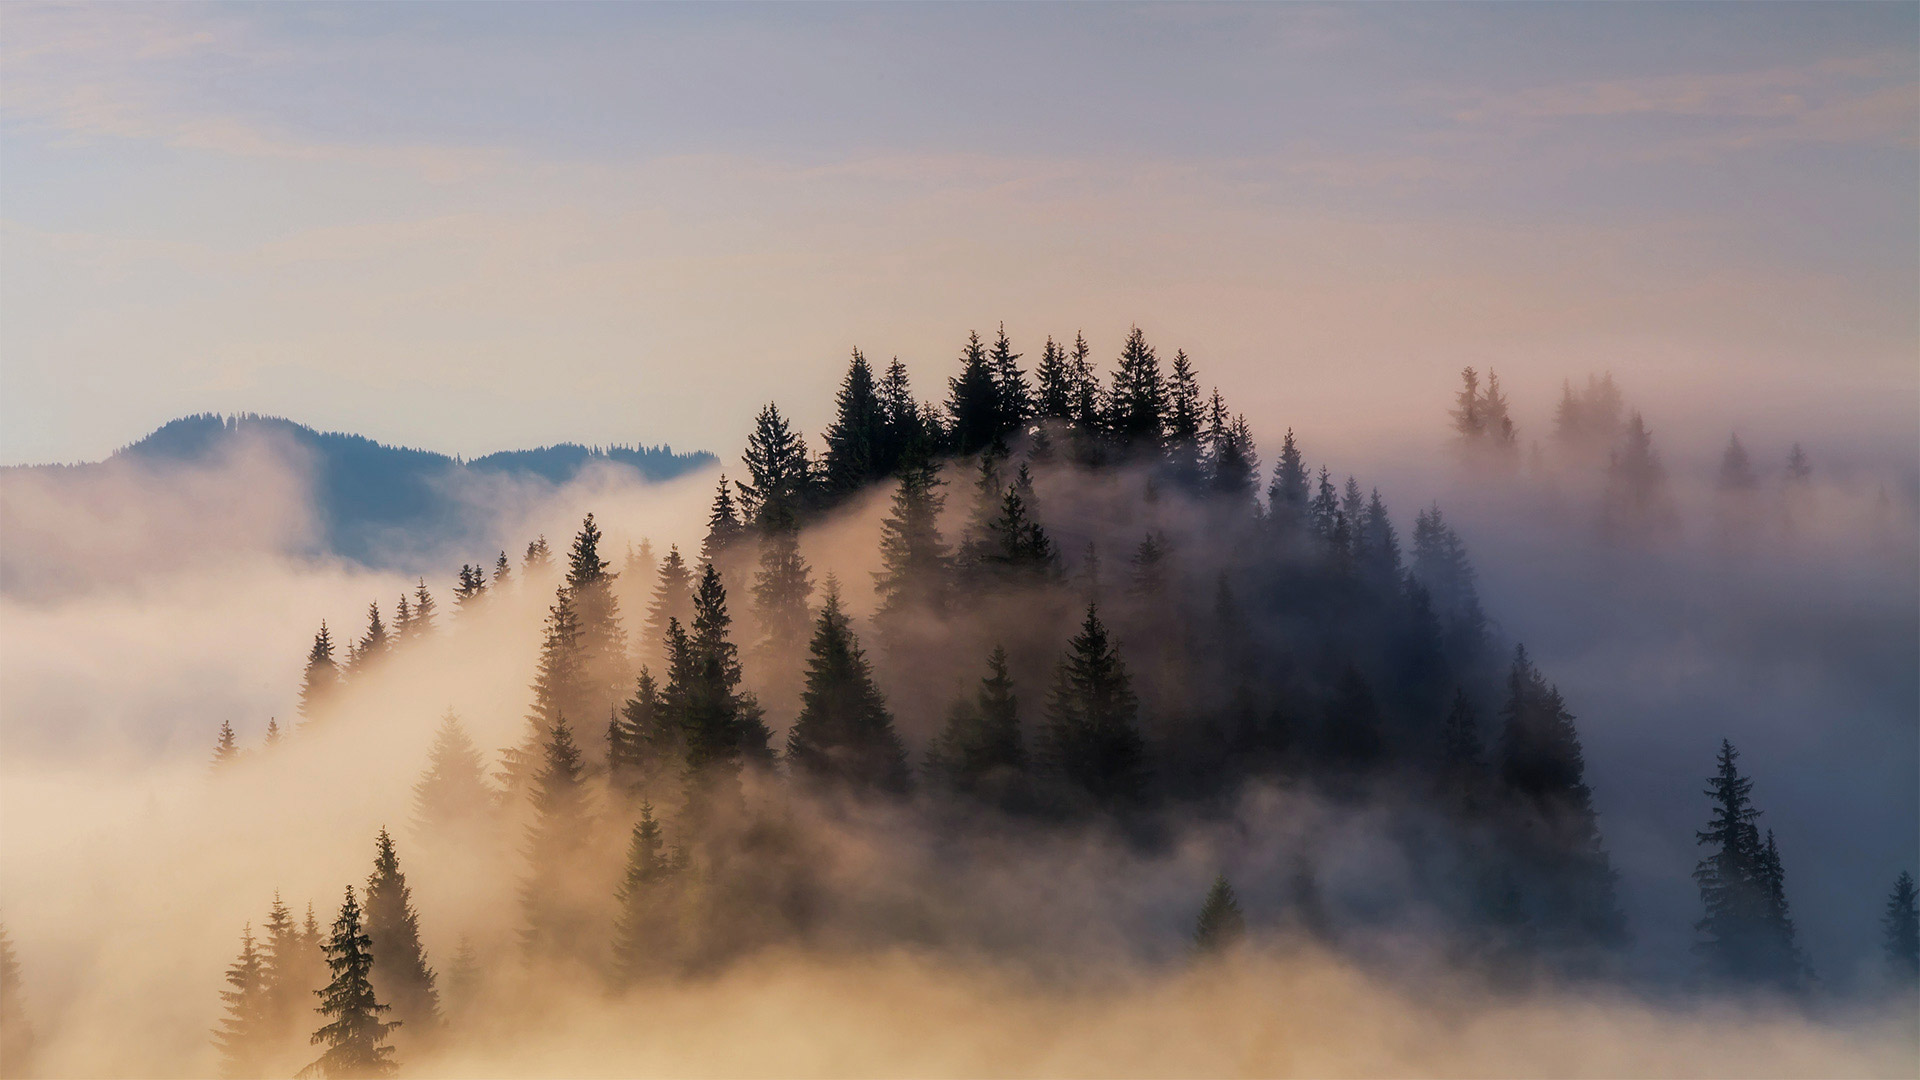 大雾笼罩下的巴伐利亚阿尔卑斯山脉巴伐利亚阿尔卑斯山脉